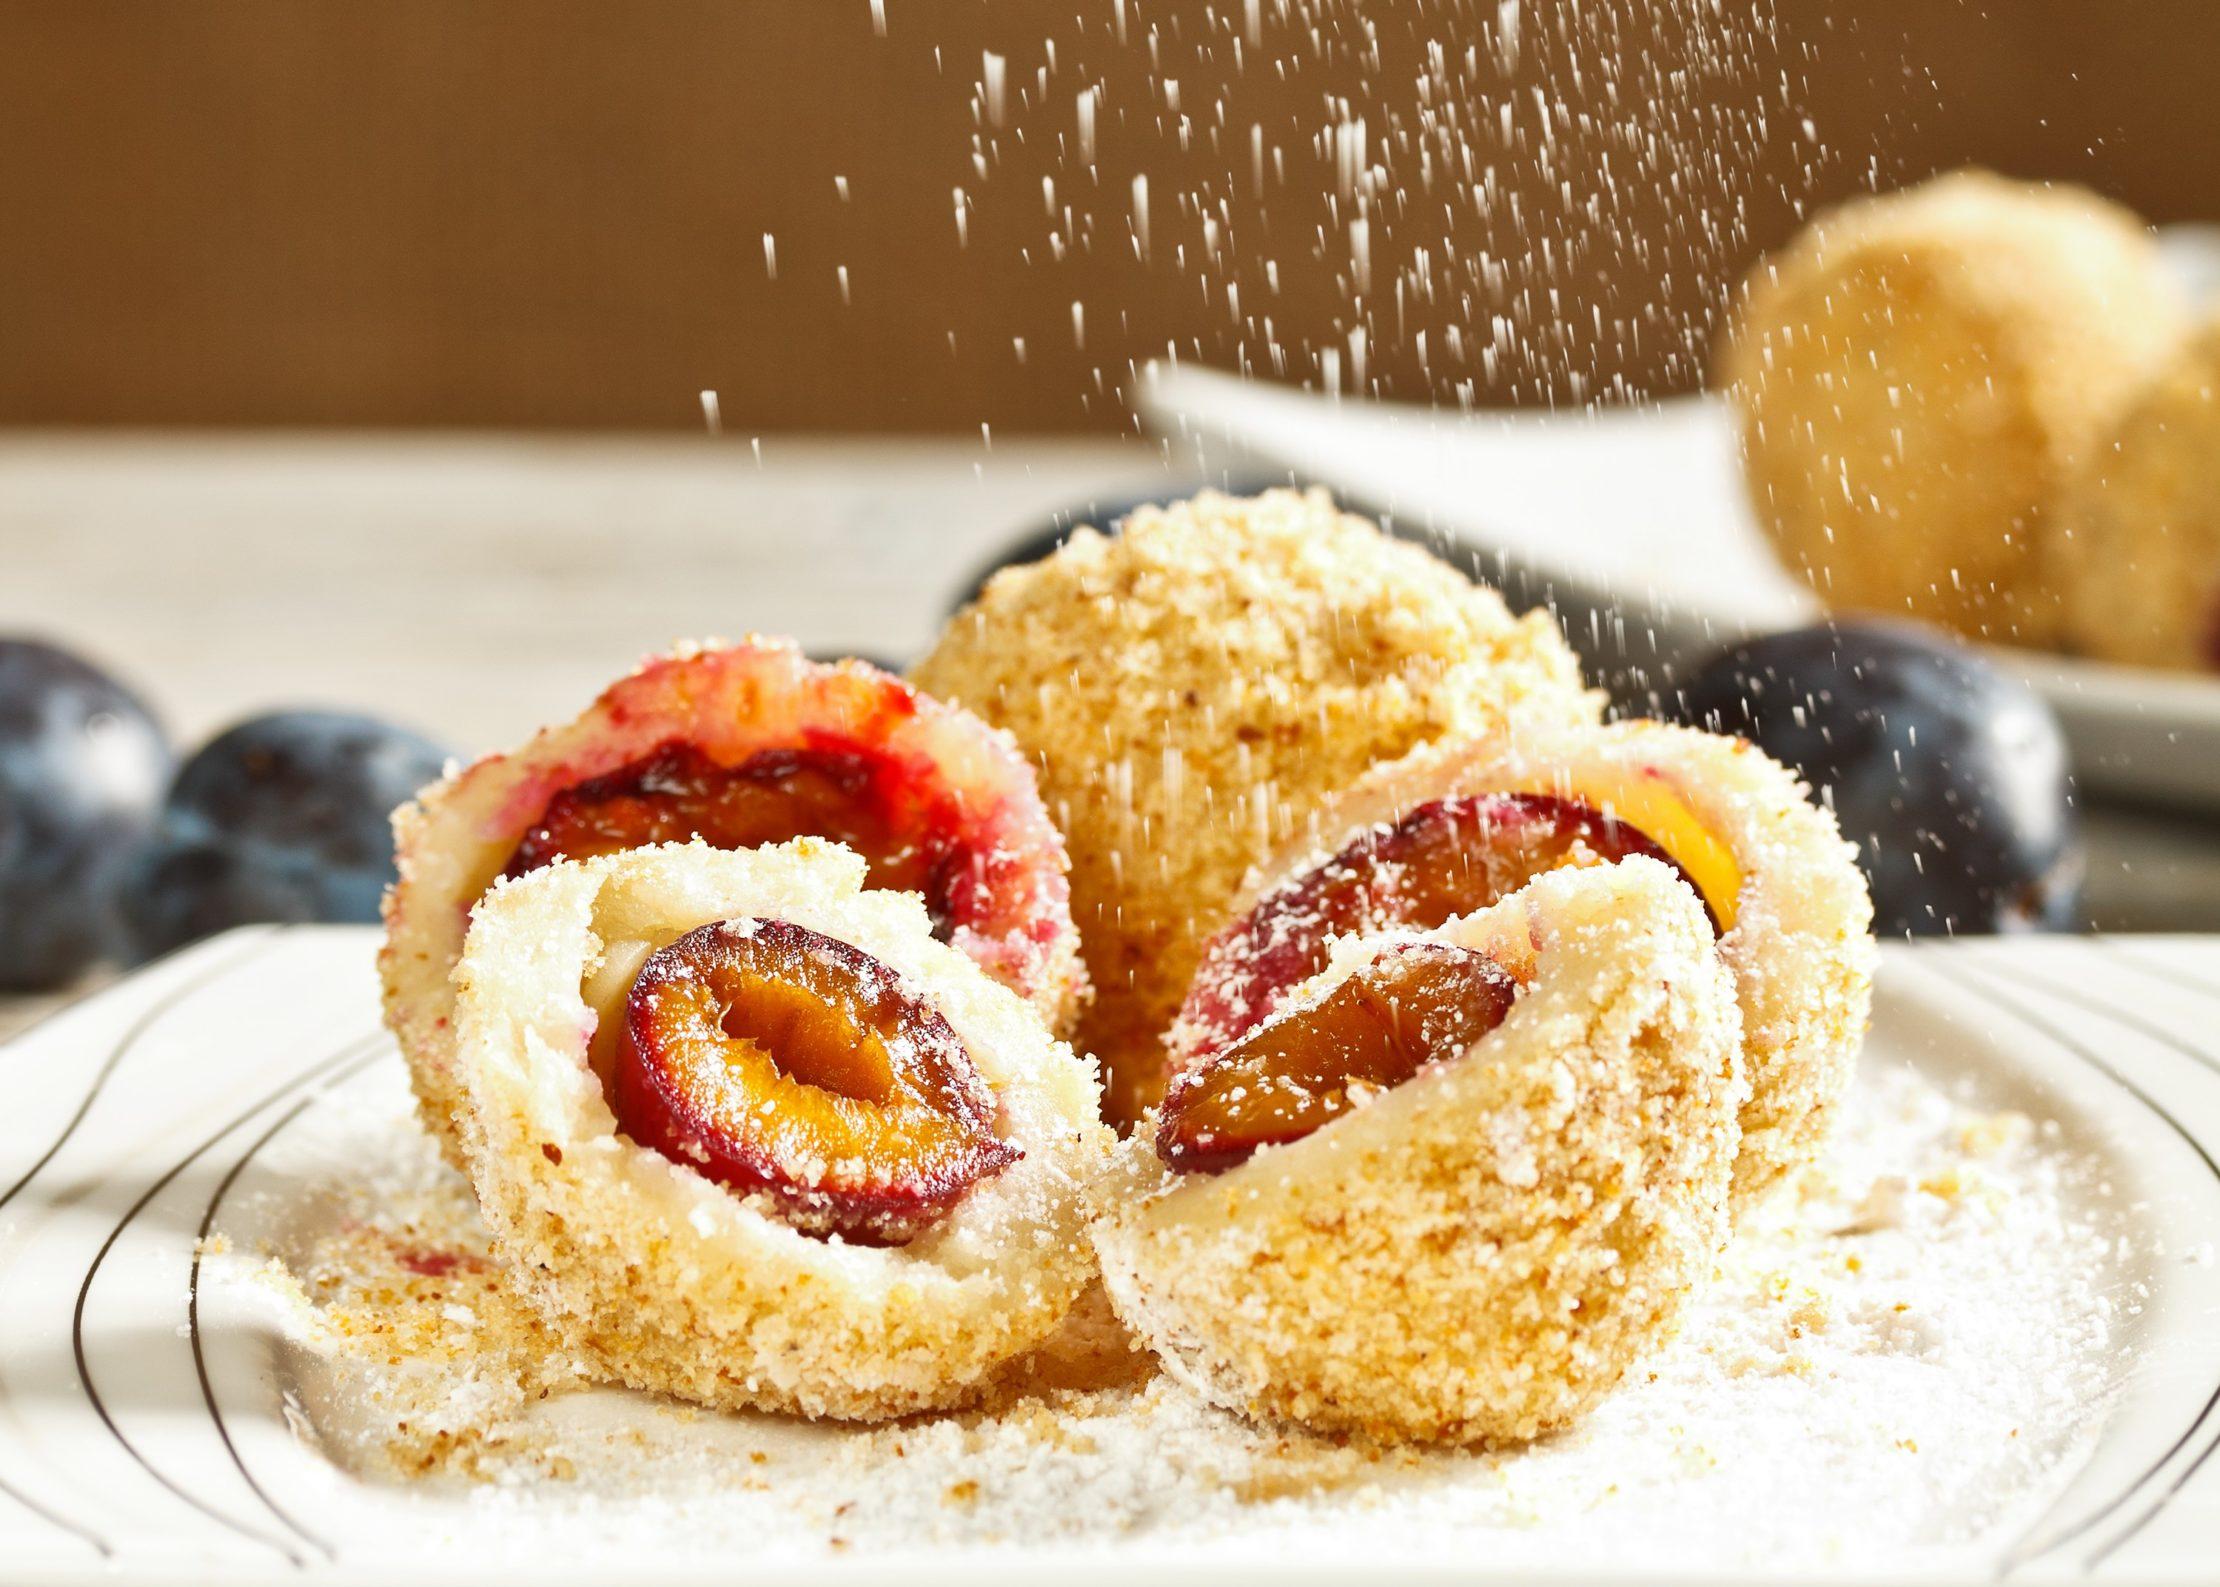 Dumplings de ciruelas - Švestkové Knedlíky